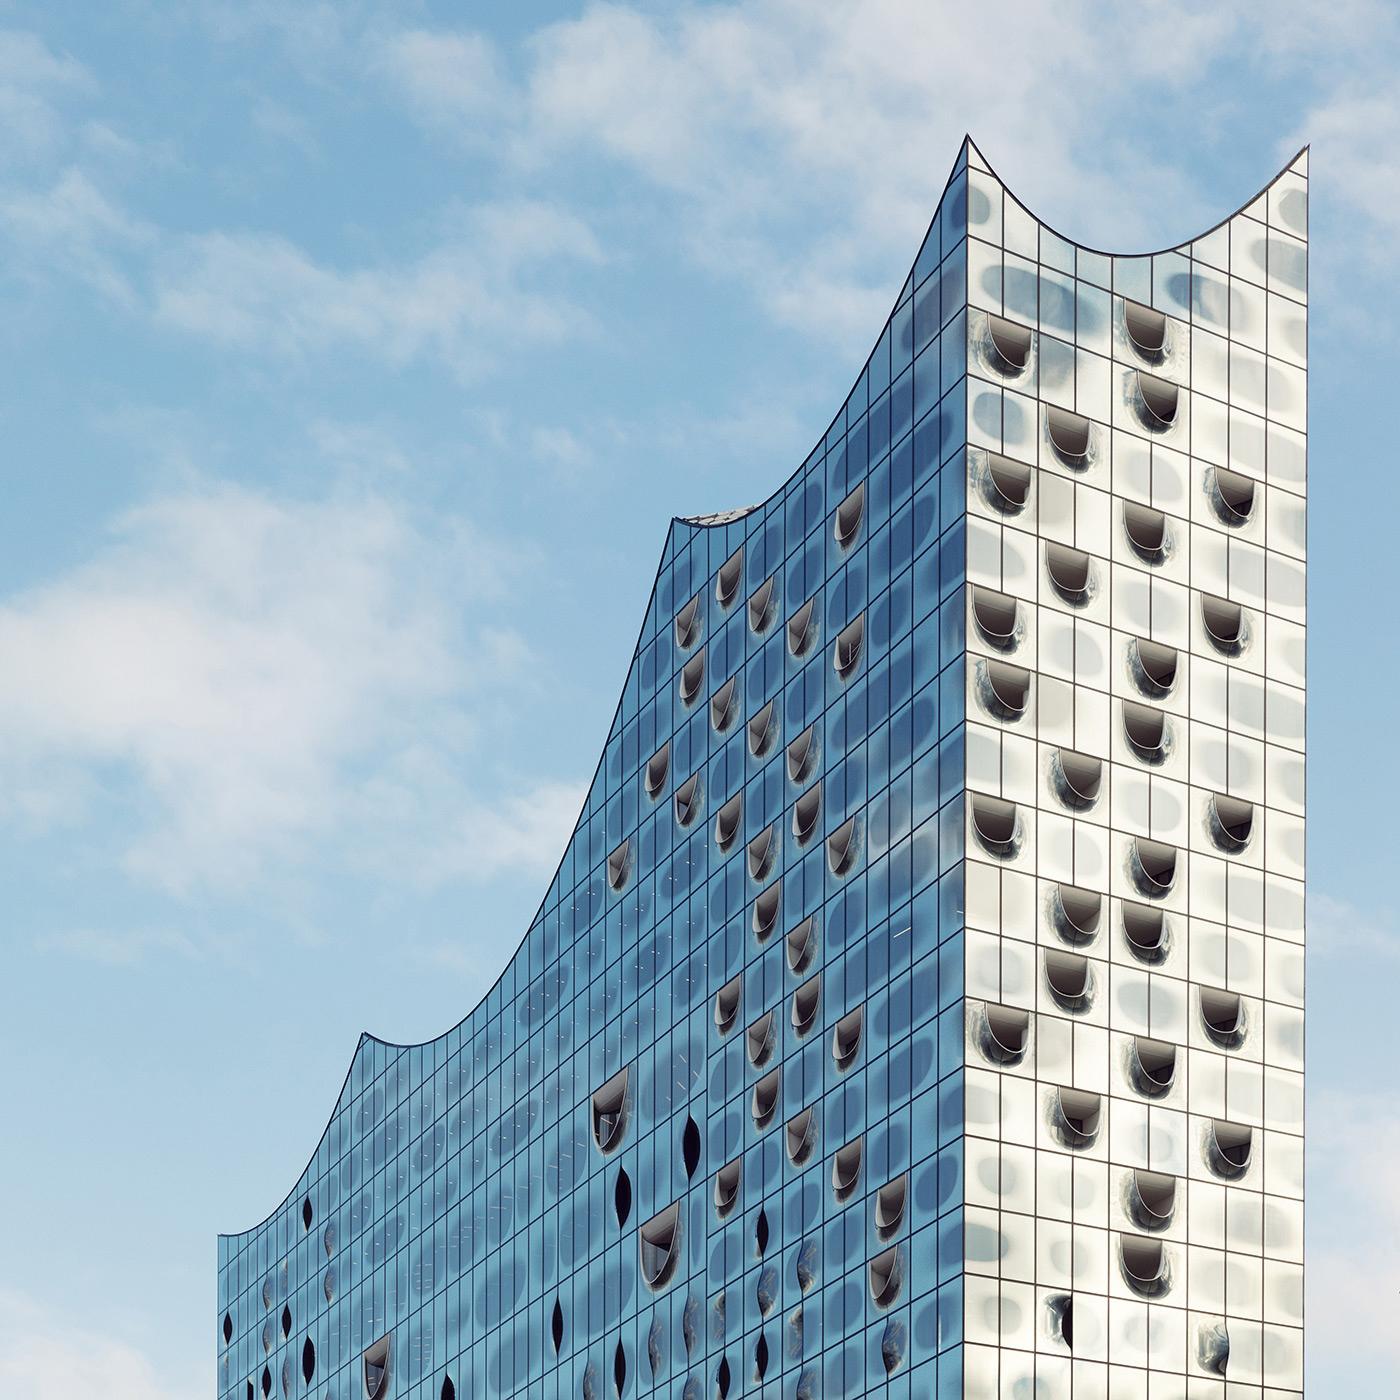 Elbphilharmonie Location: Hamburg, Germany Architects: Jacques Herzog & Pierre de Meuron